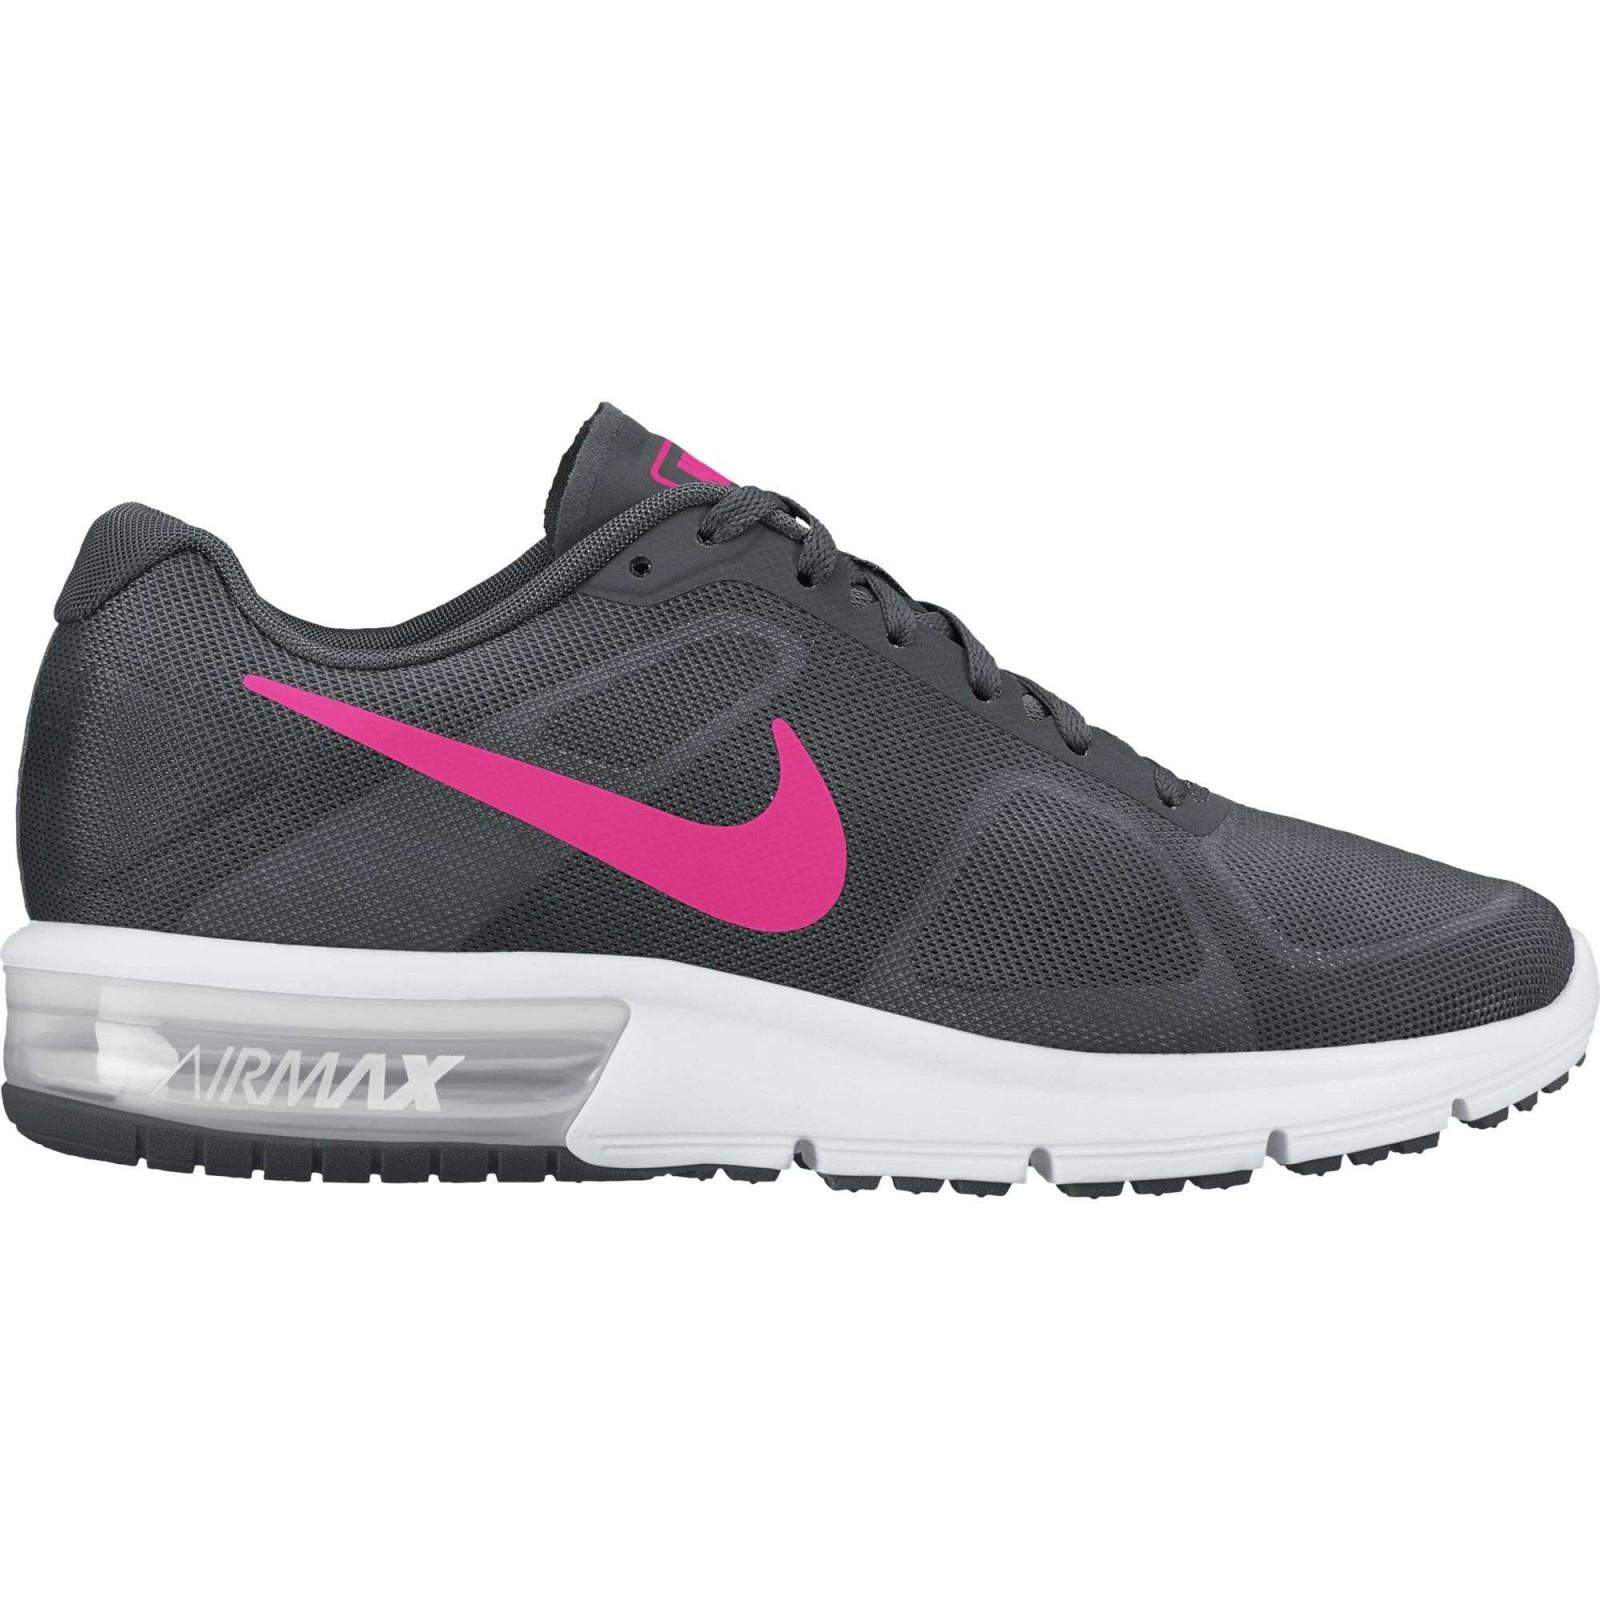 ... Nejlepší Nabídky Oficiální Zásoba Nabídka1001561 Níke Air Max 90 dámské  Nike AIR MAX SEQUENT růžové 719916-106 Dámské boty Nike WMNS AIR MAX  SEQUENT ... c7918ba8e3